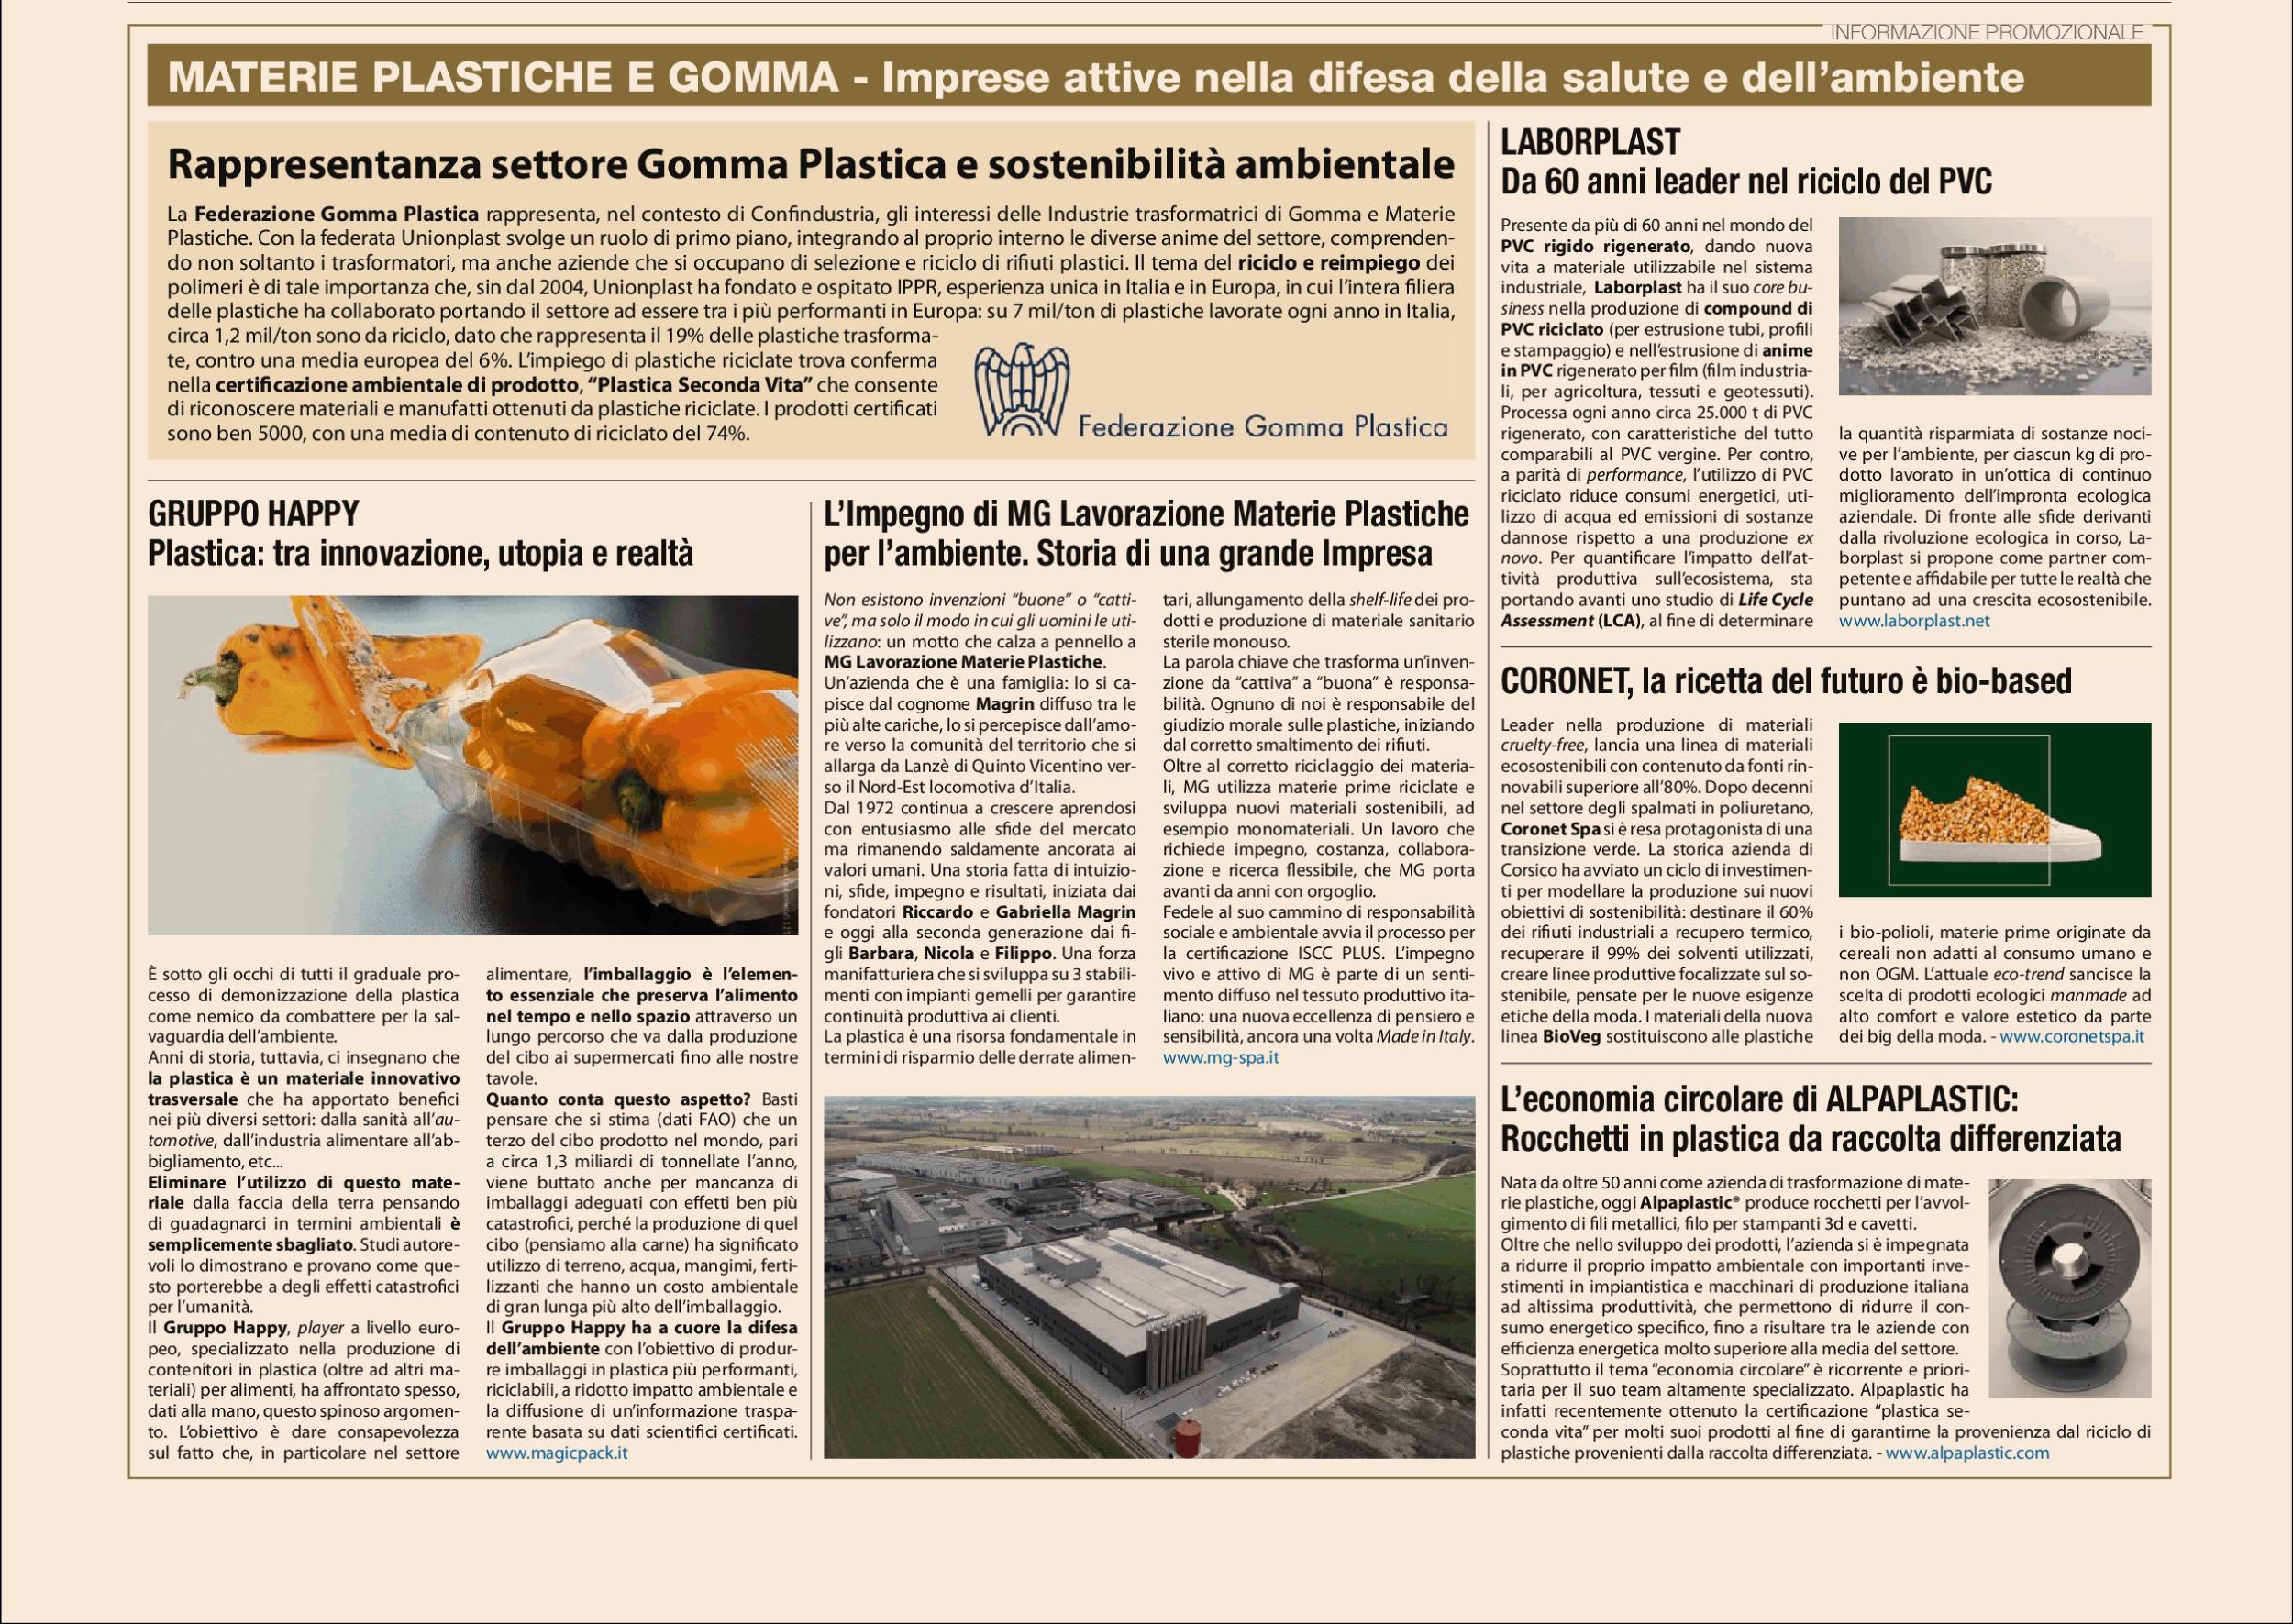 articolo di giornale su Coronet e Bioveg